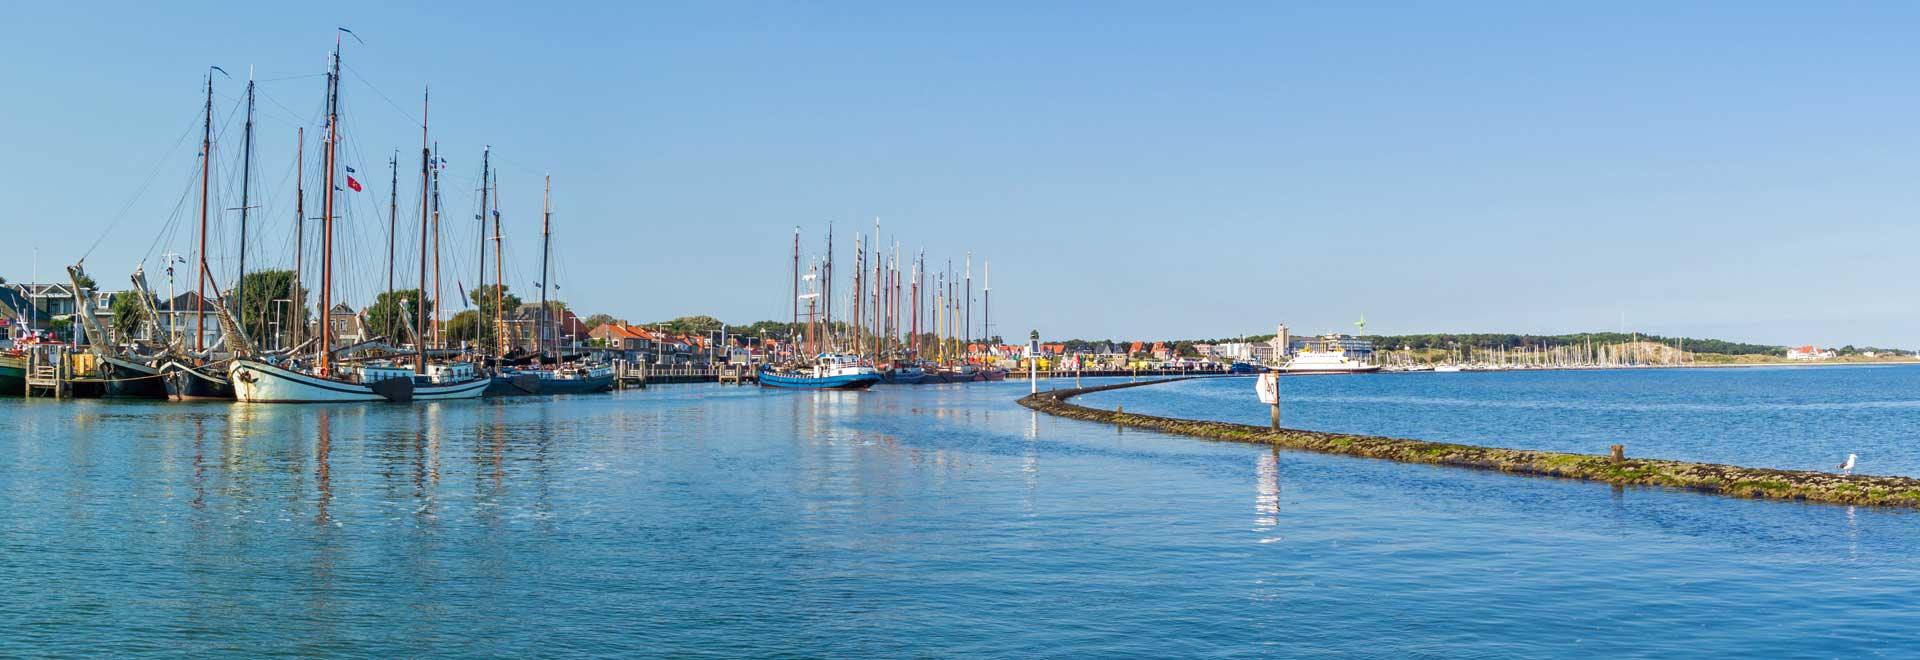 Panorama des Hafens der niederländische Nordseeinsel Terschelling